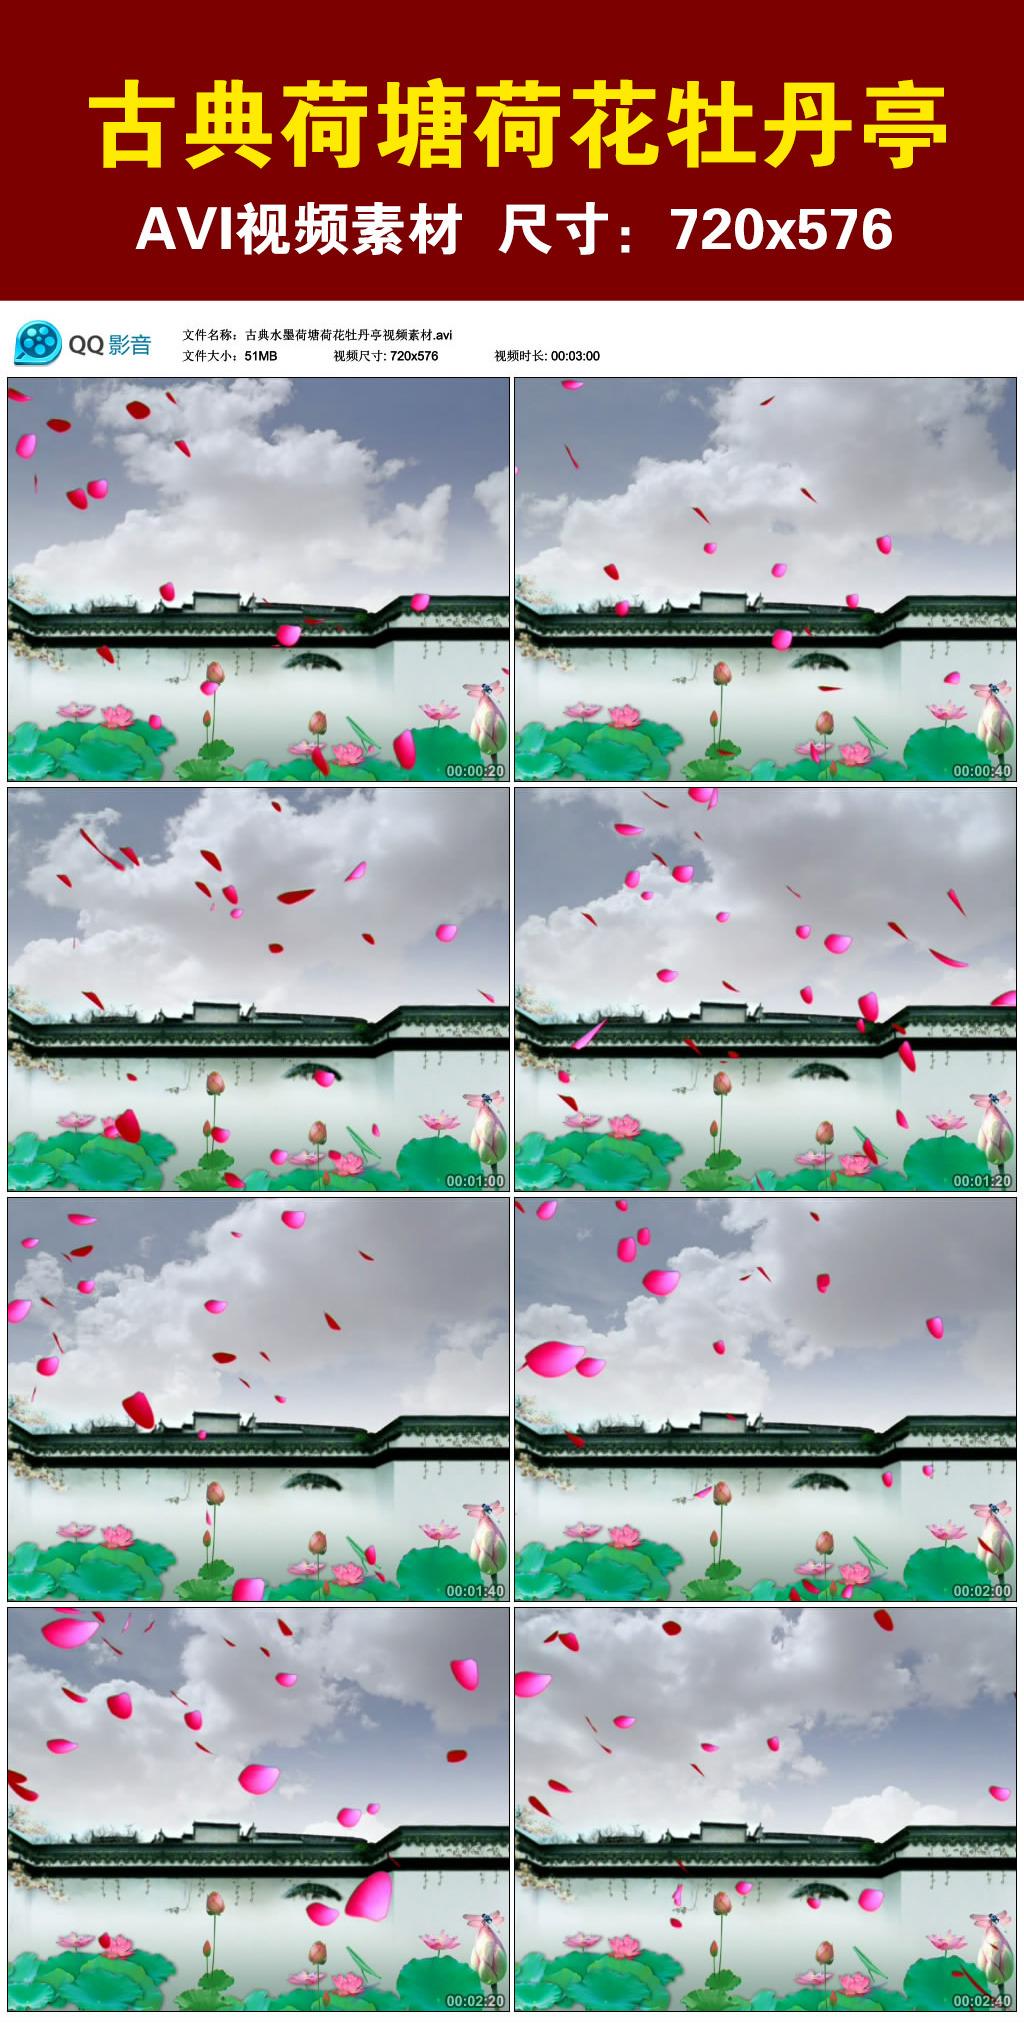 典水墨荷塘荷花牡丹亭视频素材模板下载 11652597 动态 特效 背景视